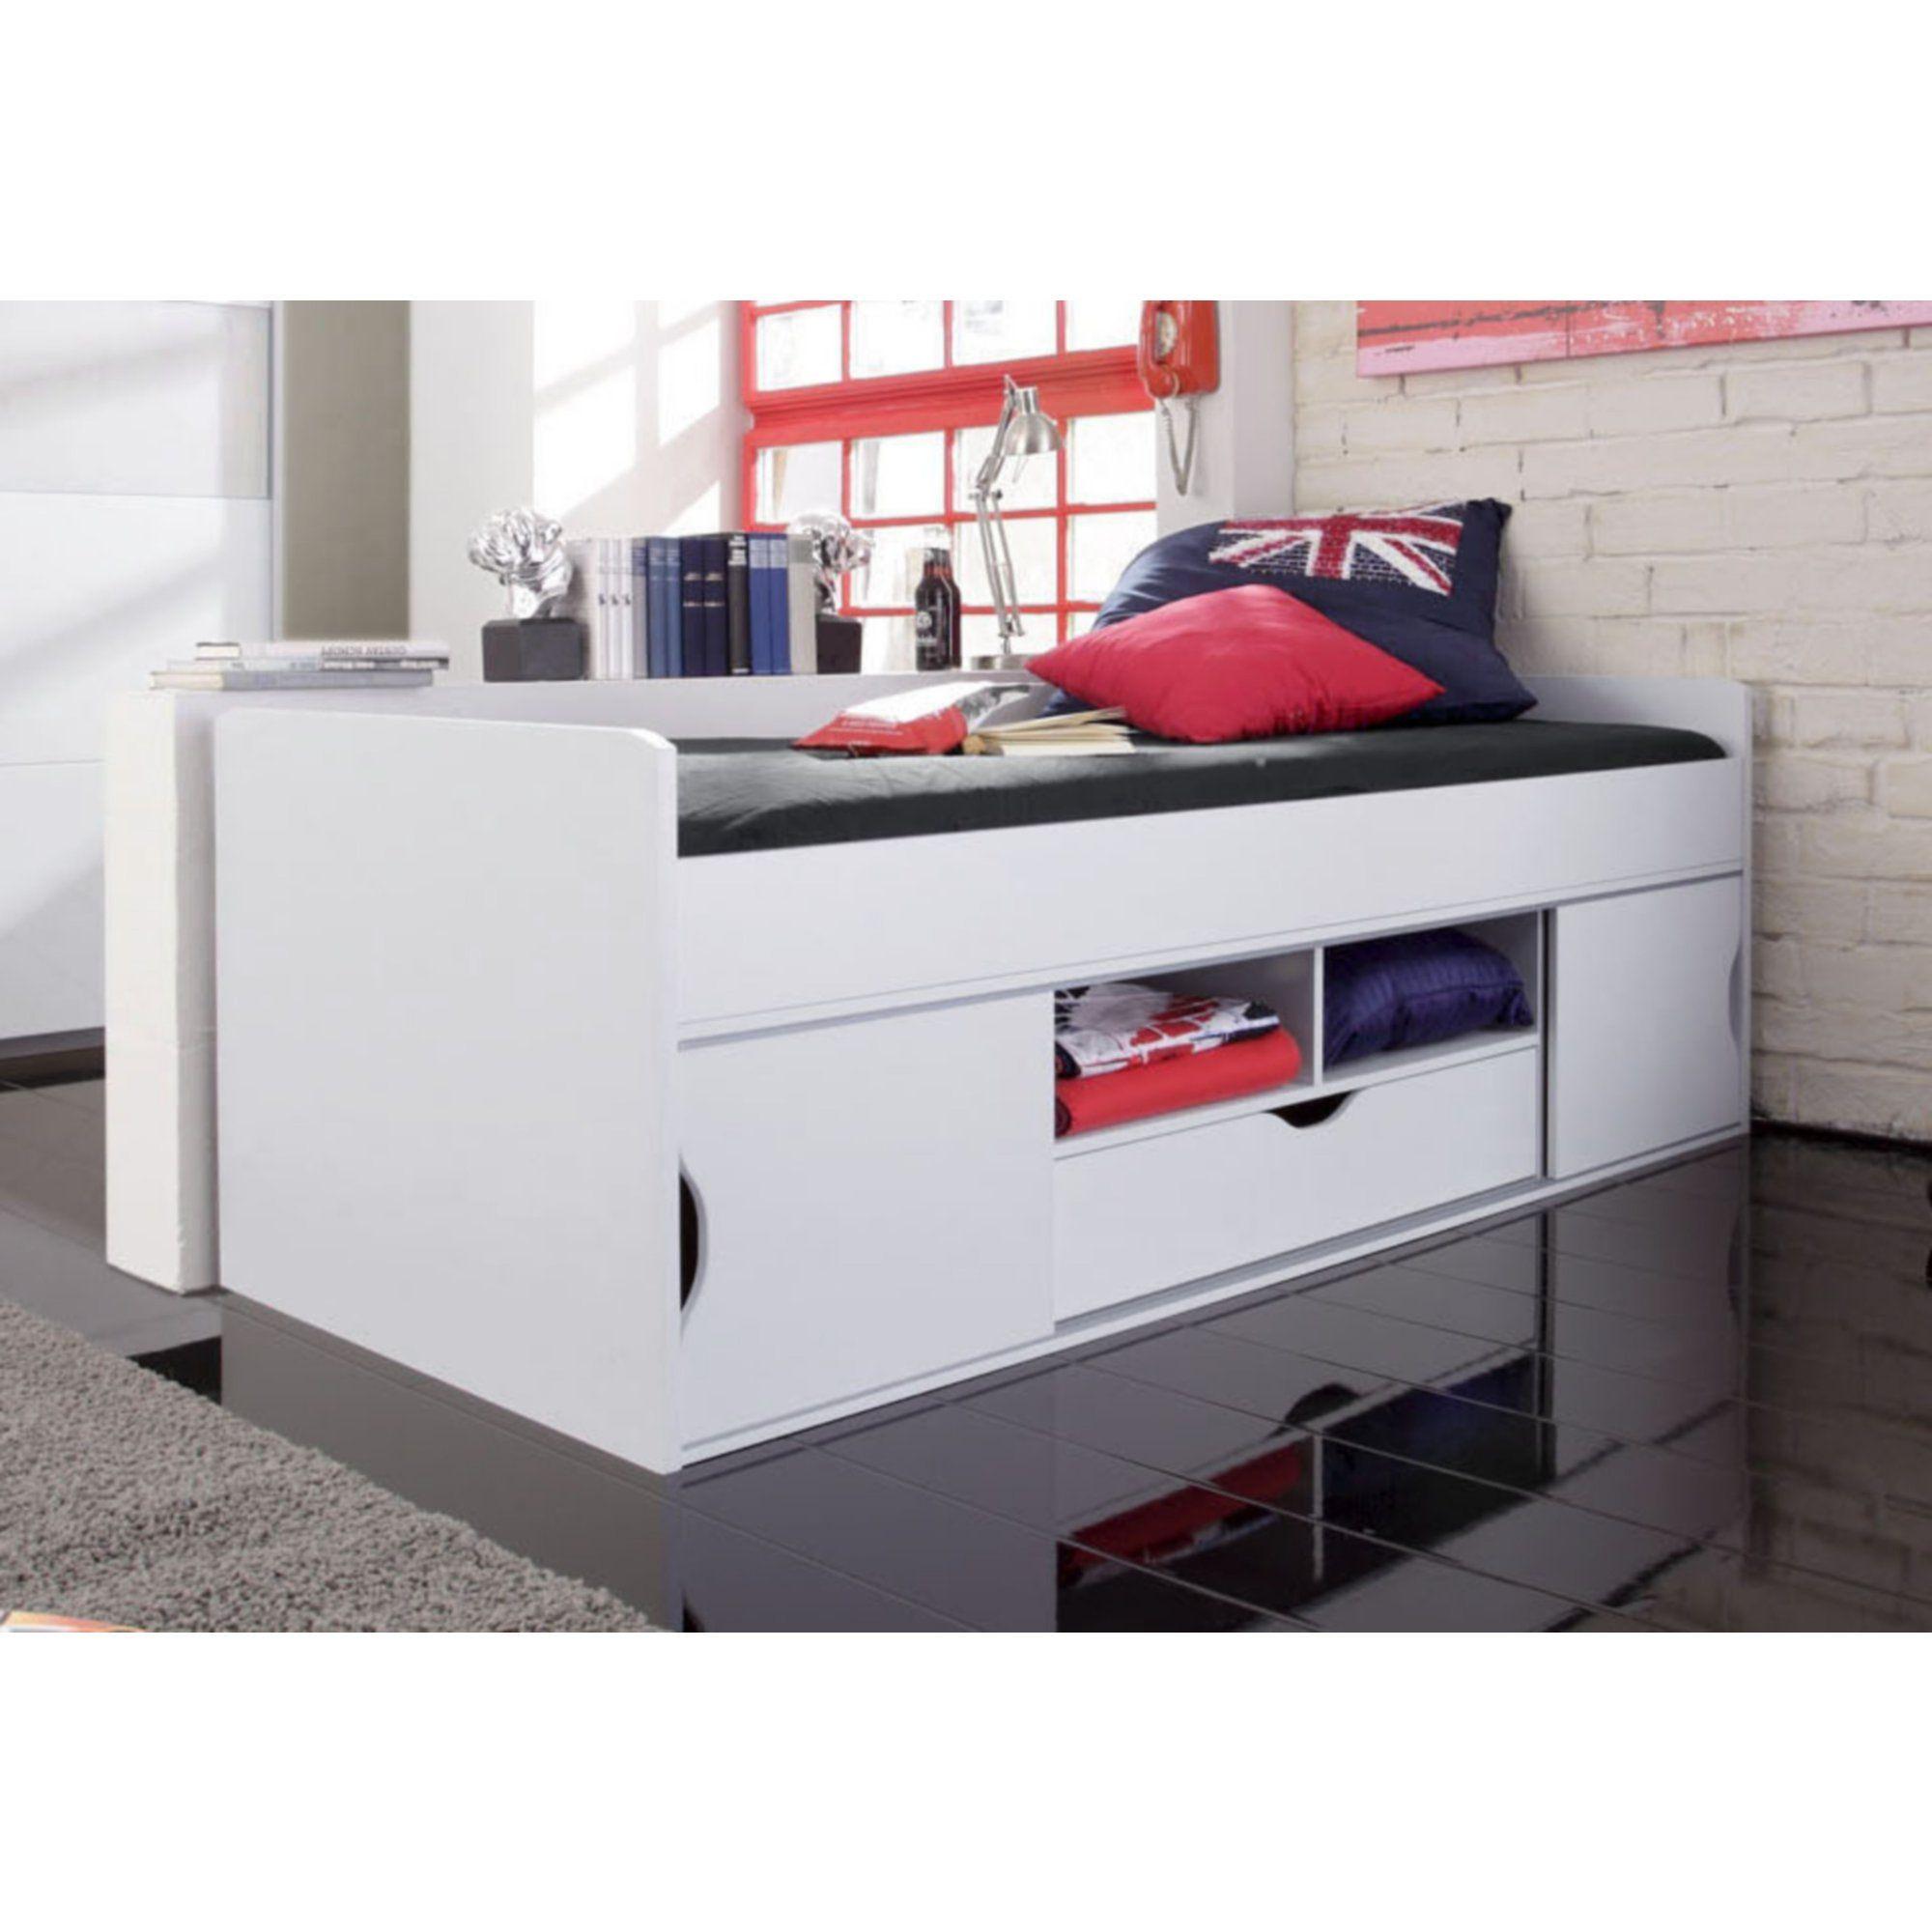 lit combin enfant avec rangements rauch gain de place et. Black Bedroom Furniture Sets. Home Design Ideas